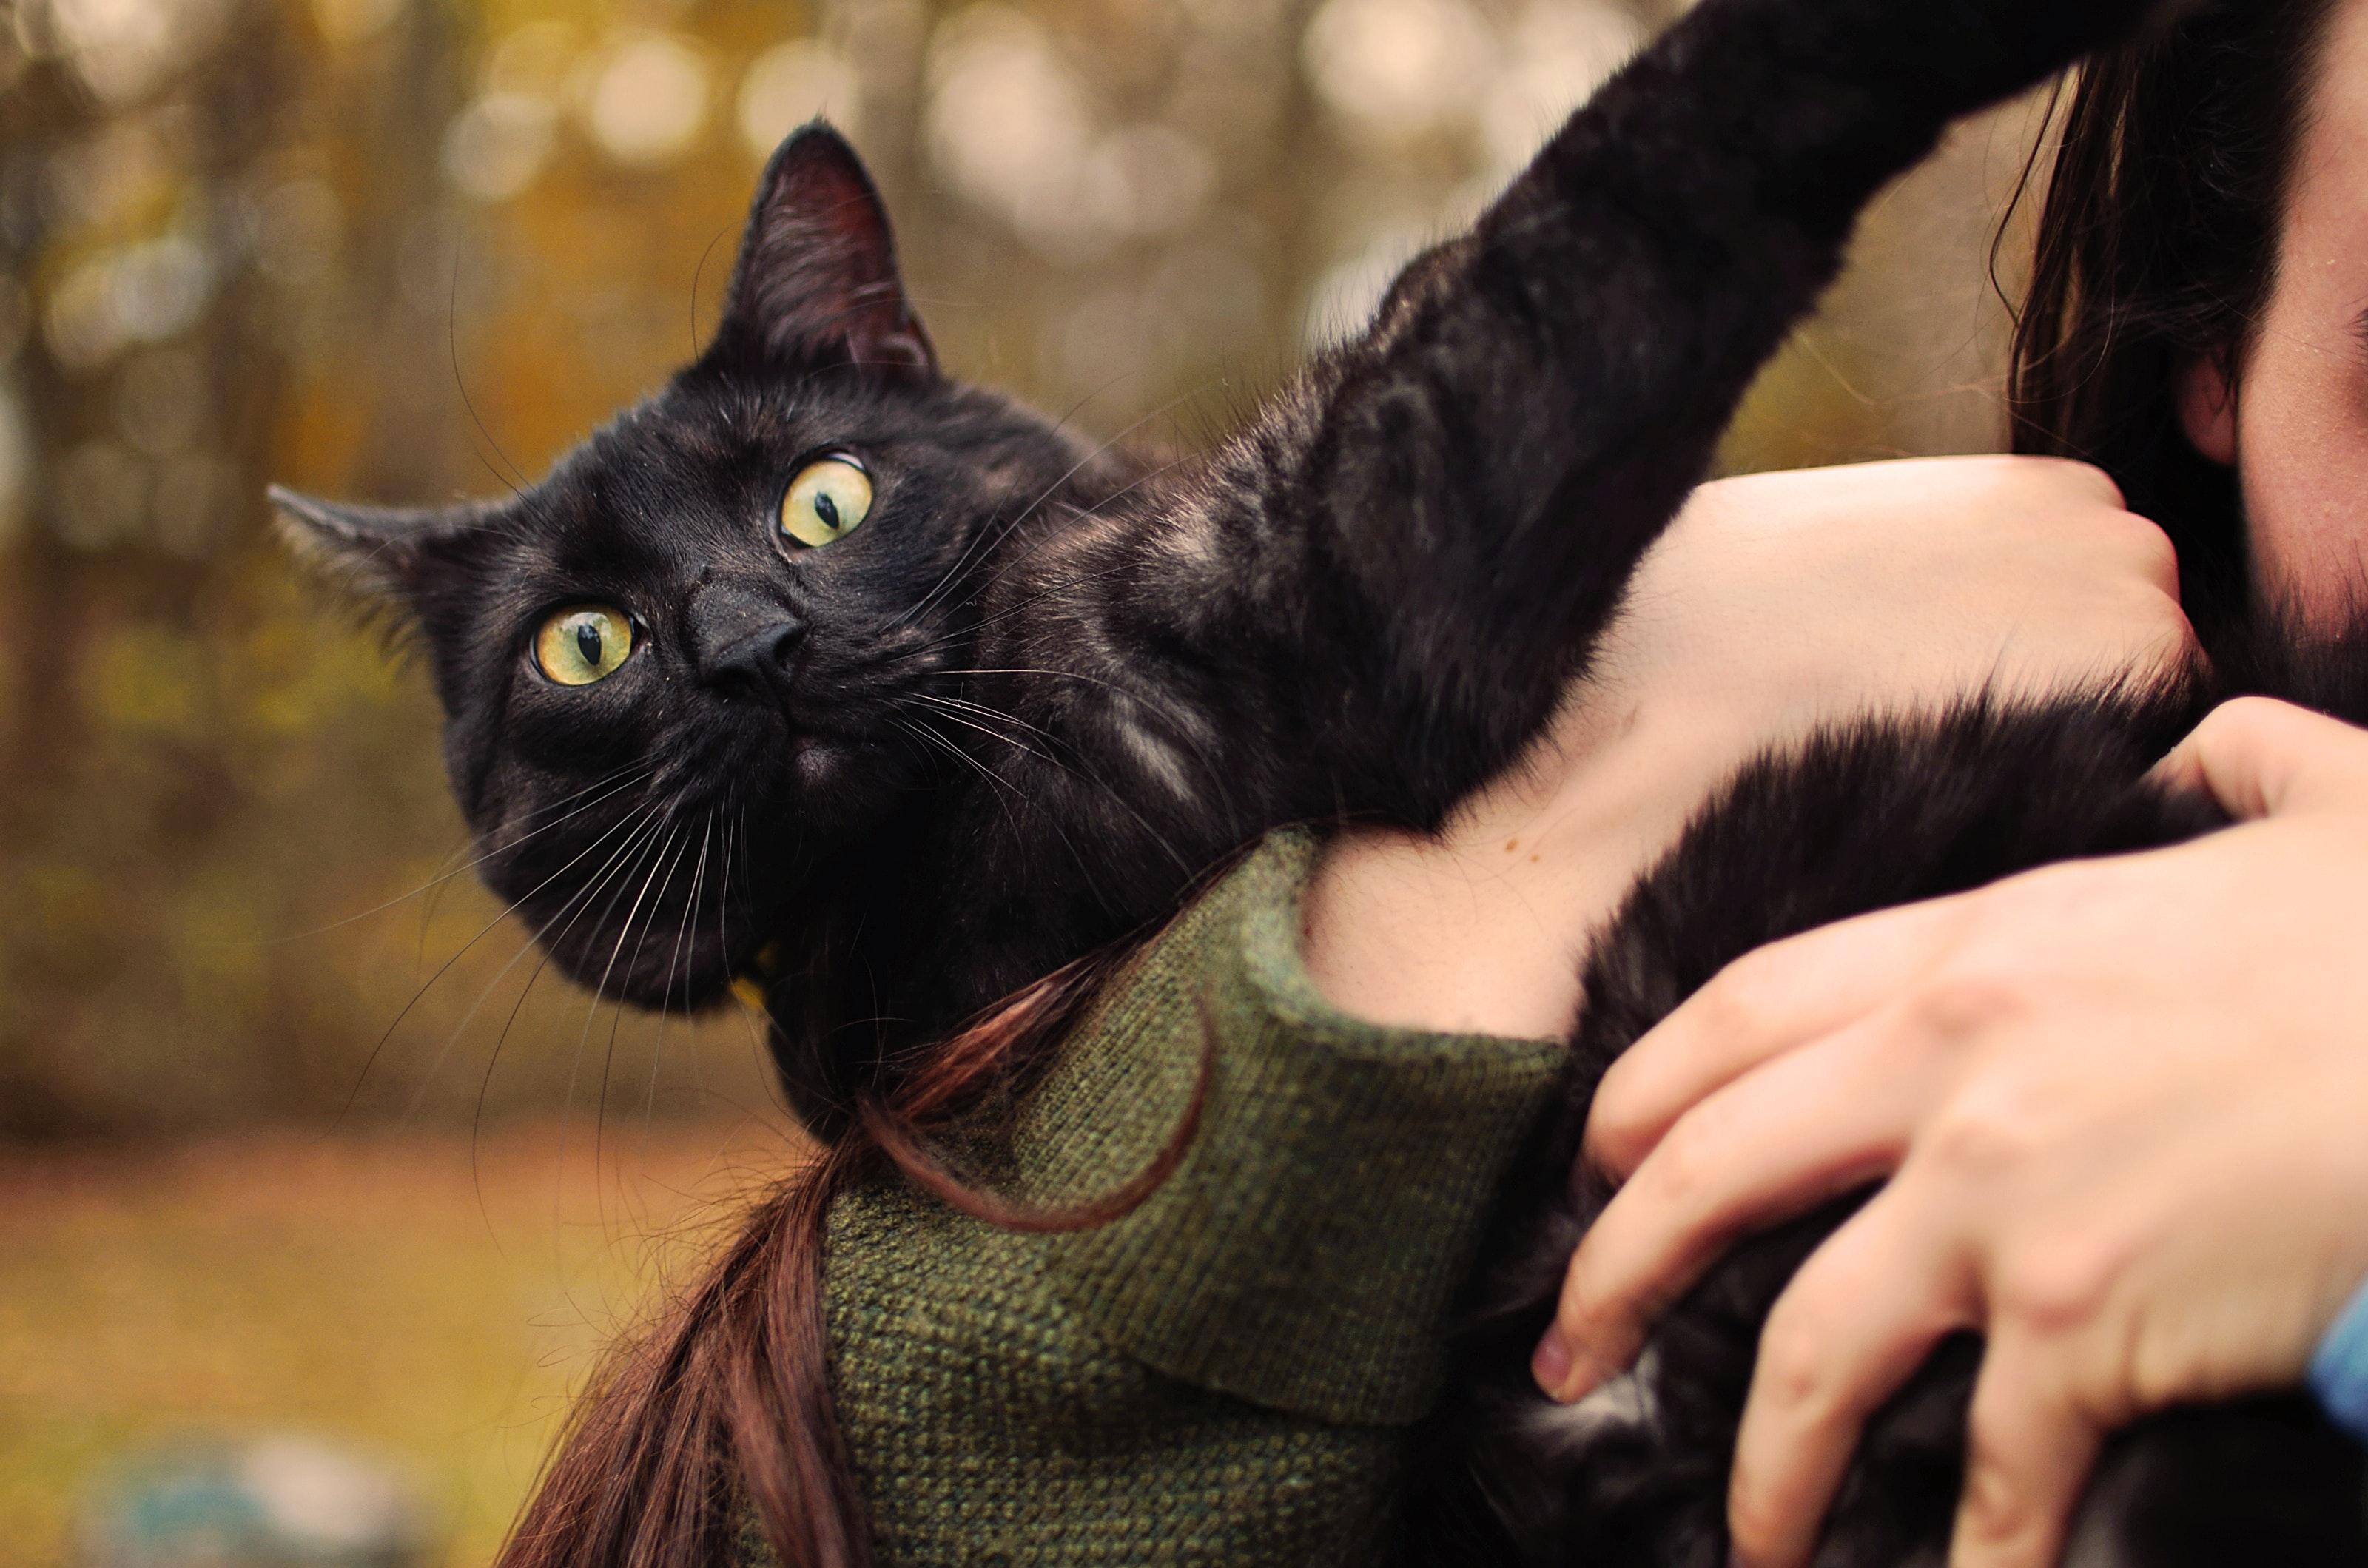 Une personne tient un chat qui cherche à s'échapper. Les interactions entre chat et humains ne sotn pas toujours positives.